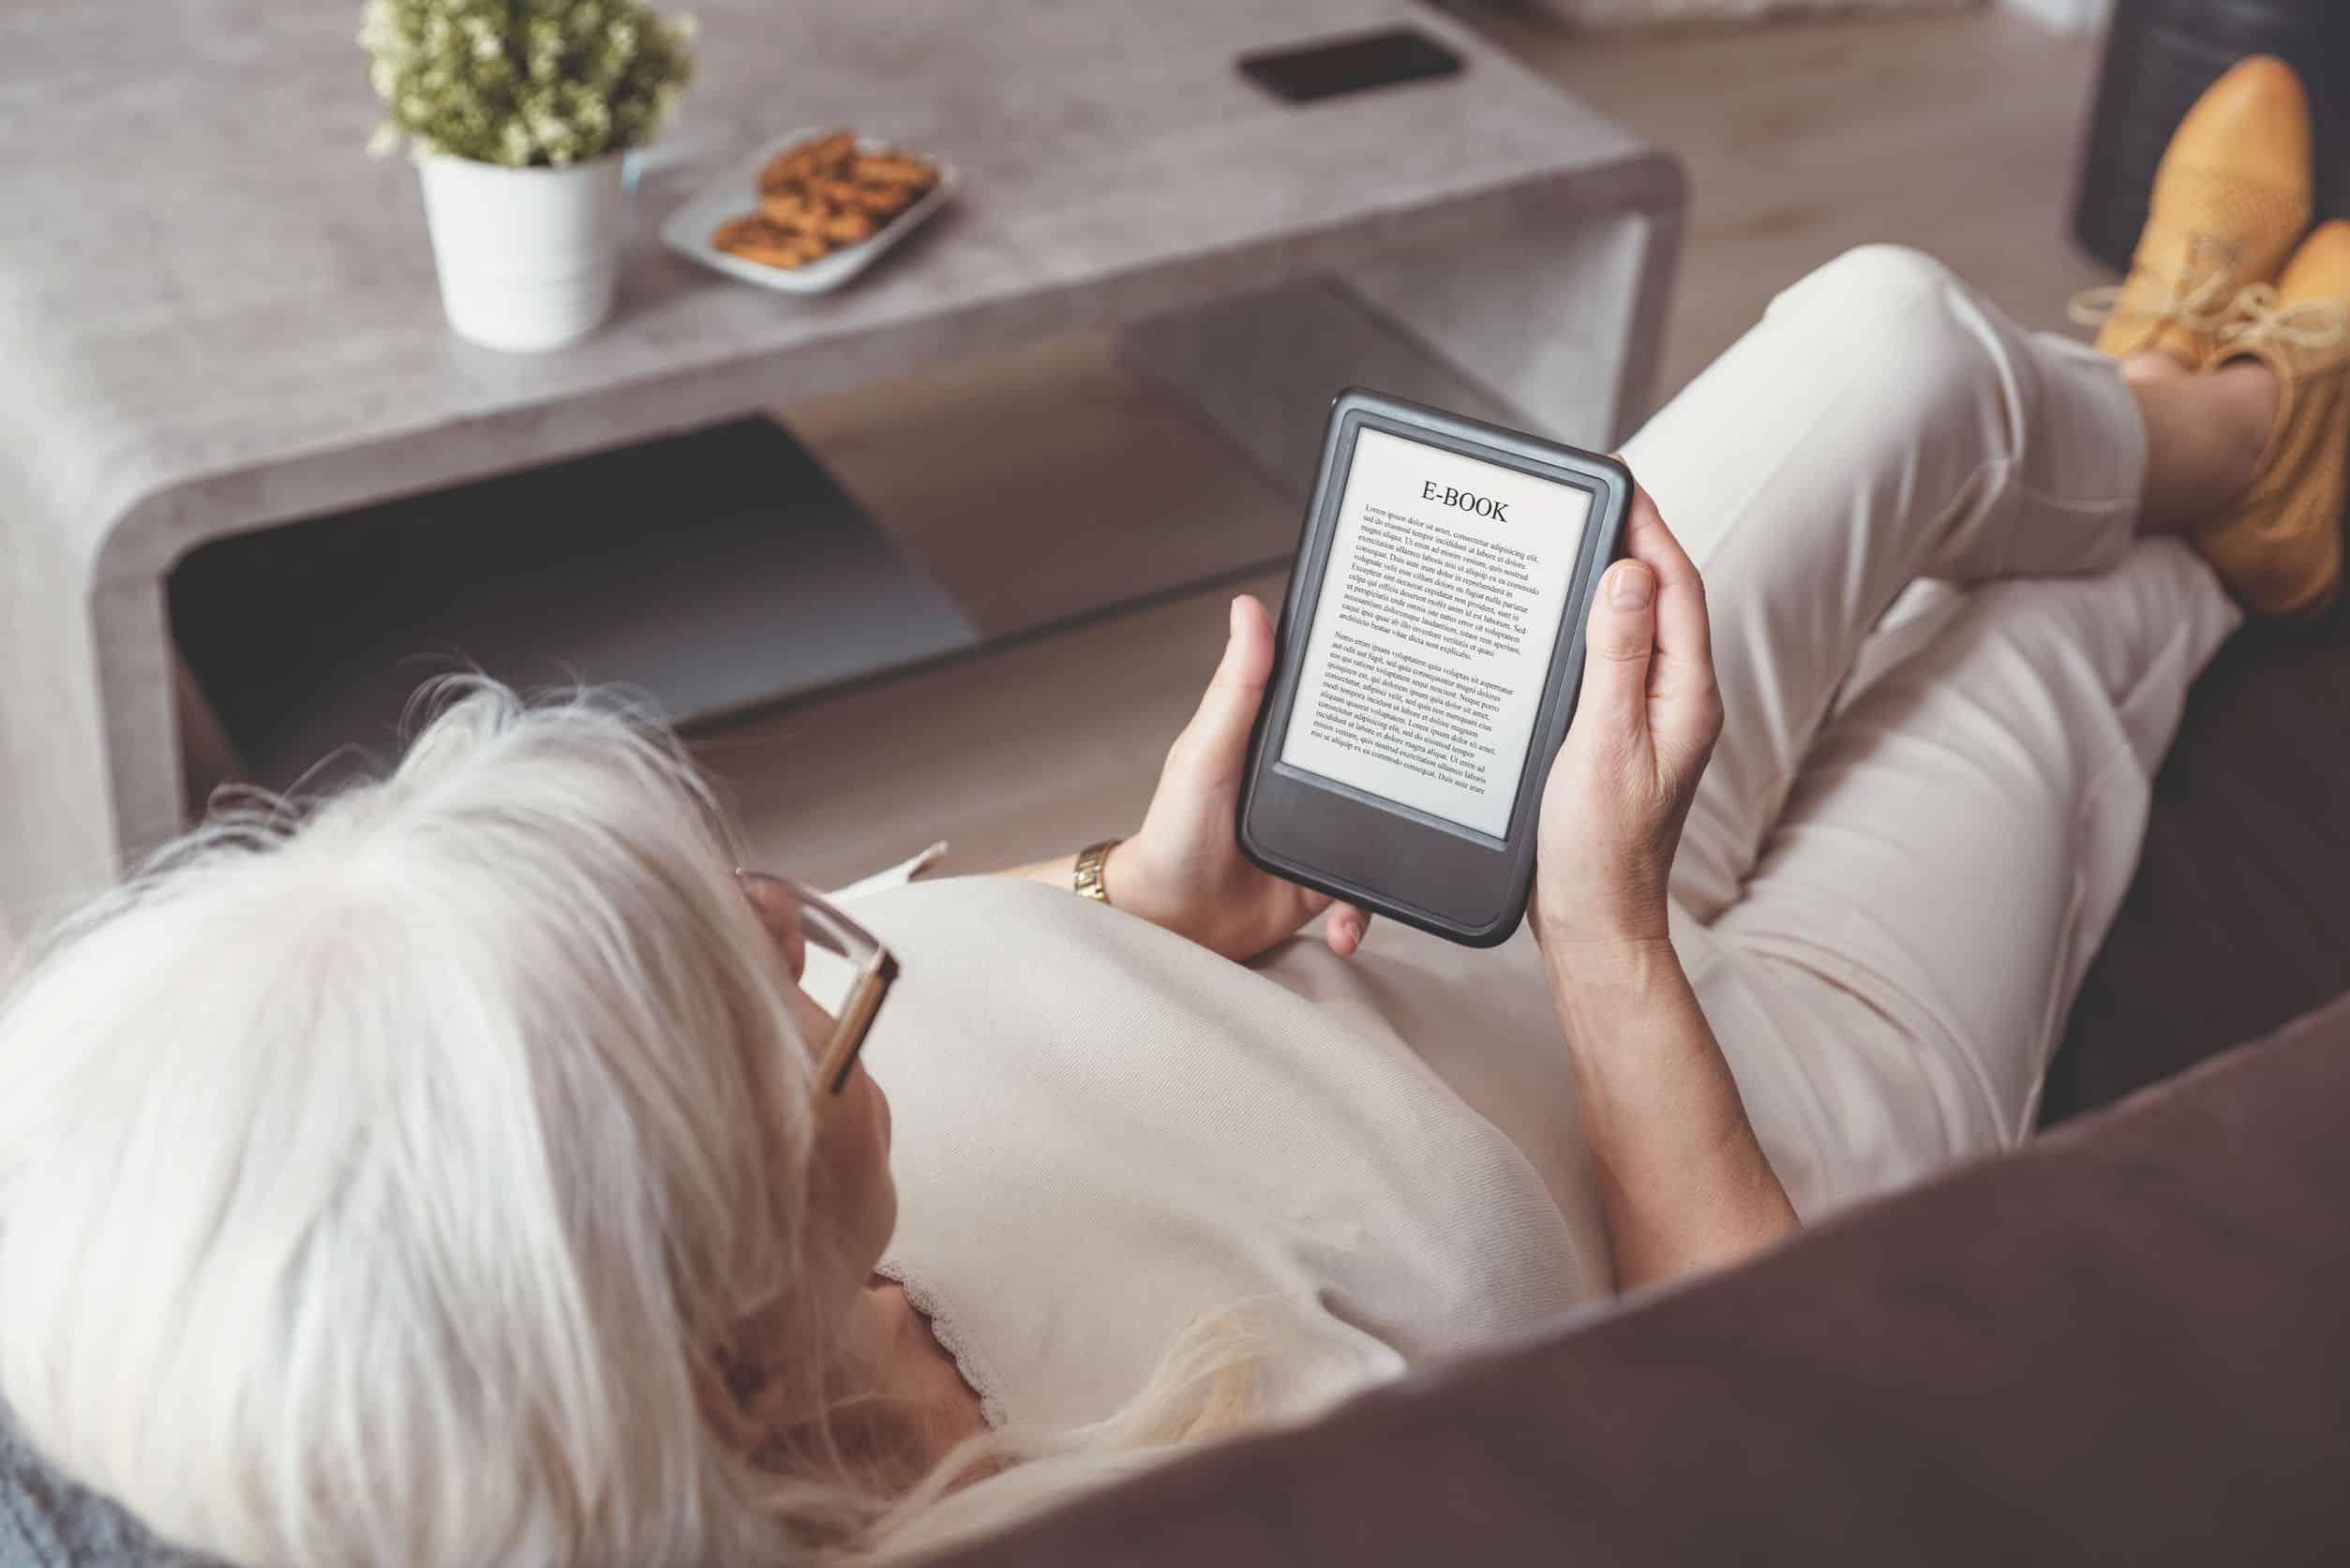 Na foto uma mulher deitada em um sofá lendo em um e-reader.